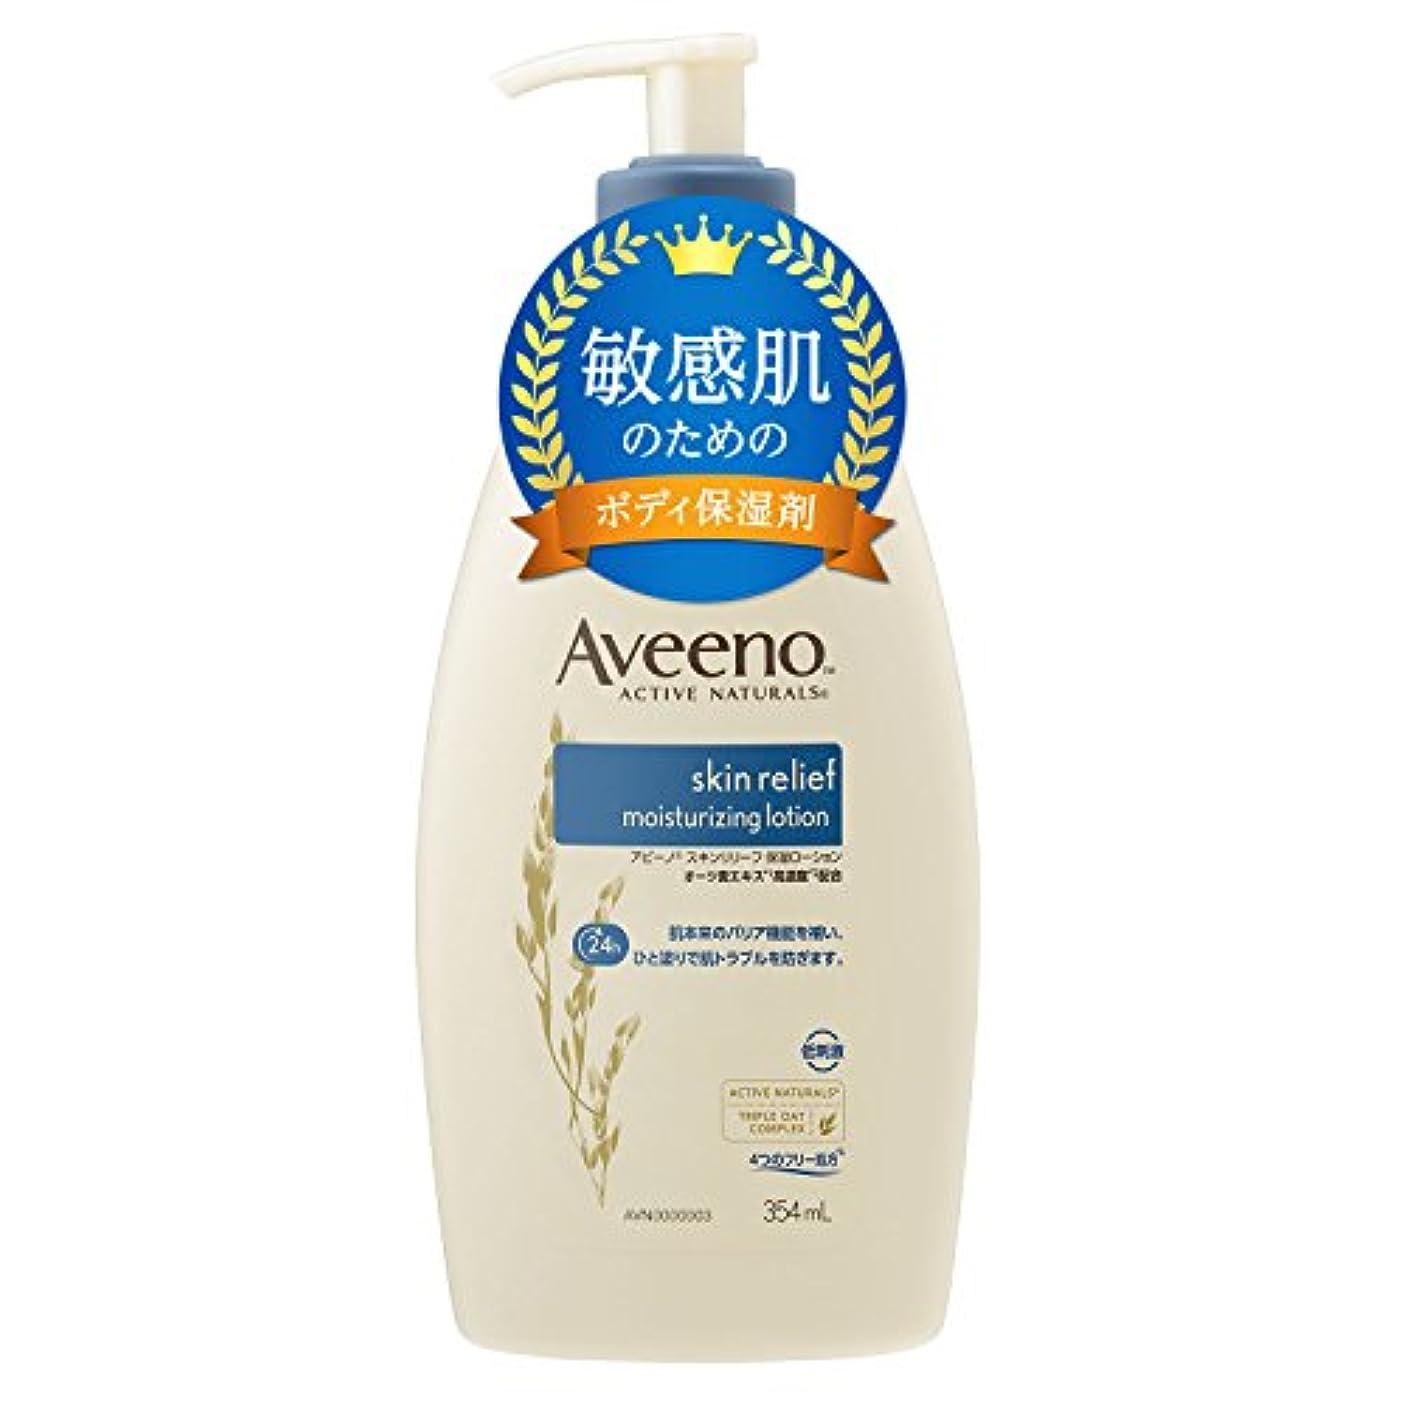 においお願いします迷路【Amazon.co.jp限定】Aveeno(アビーノ) スキンリリーフ 保湿ローション 354ml 【極度の乾燥肌、敏感肌の方向け】